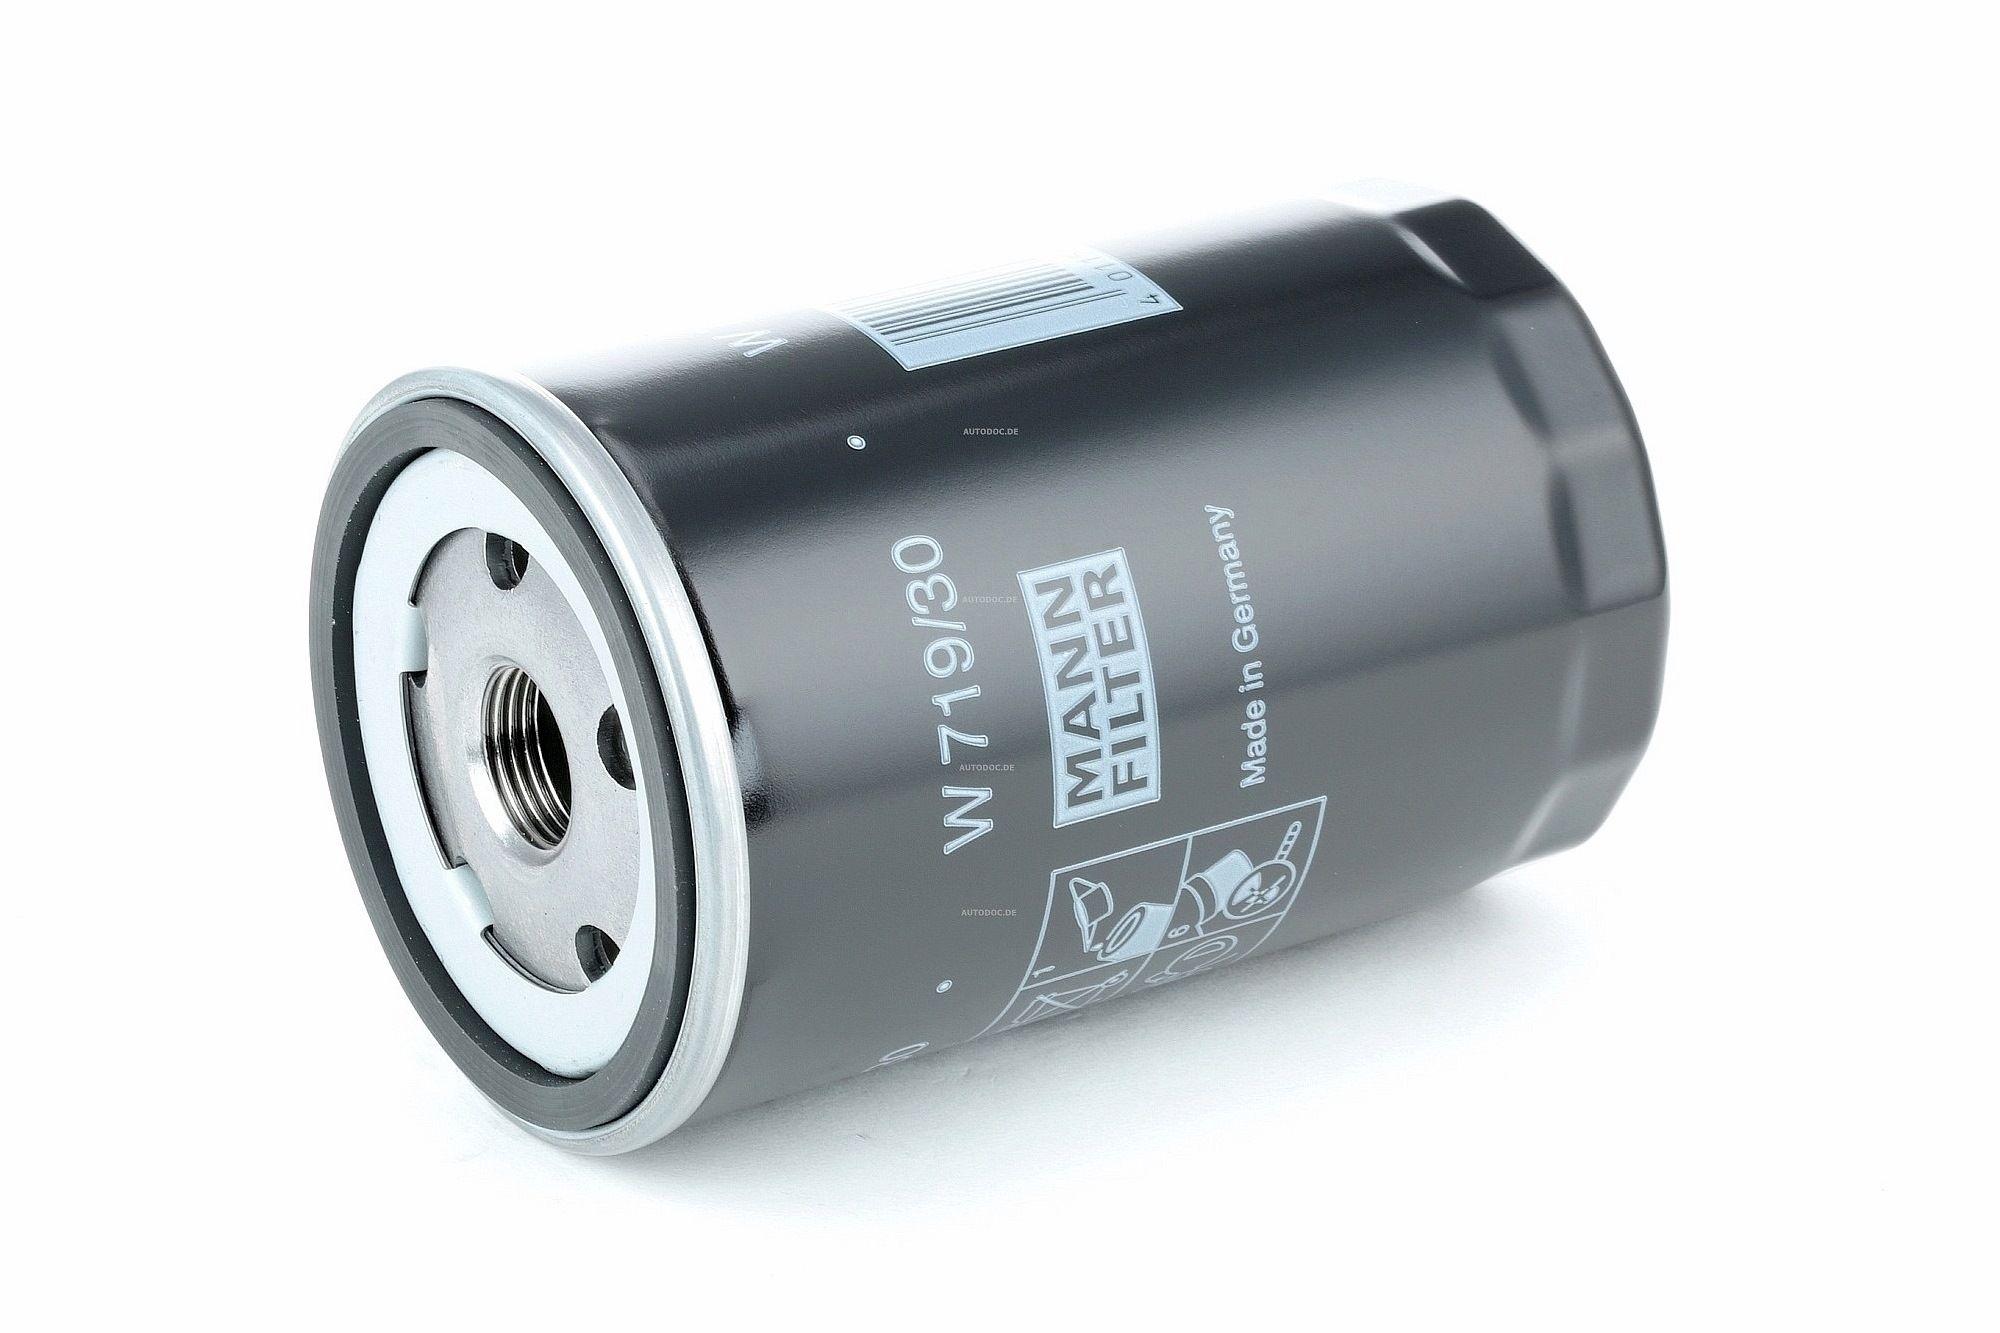 Achetez Filtre à huile MANN-FILTER W 719/30 (Diamètre intérieur 2: 62mm, Diamètre intérieur 2: 62mm, Ø: 76mm, Diamètre extérieur 2: 71mm, Hauteur: 123mm) à un rapport qualité-prix exceptionnel